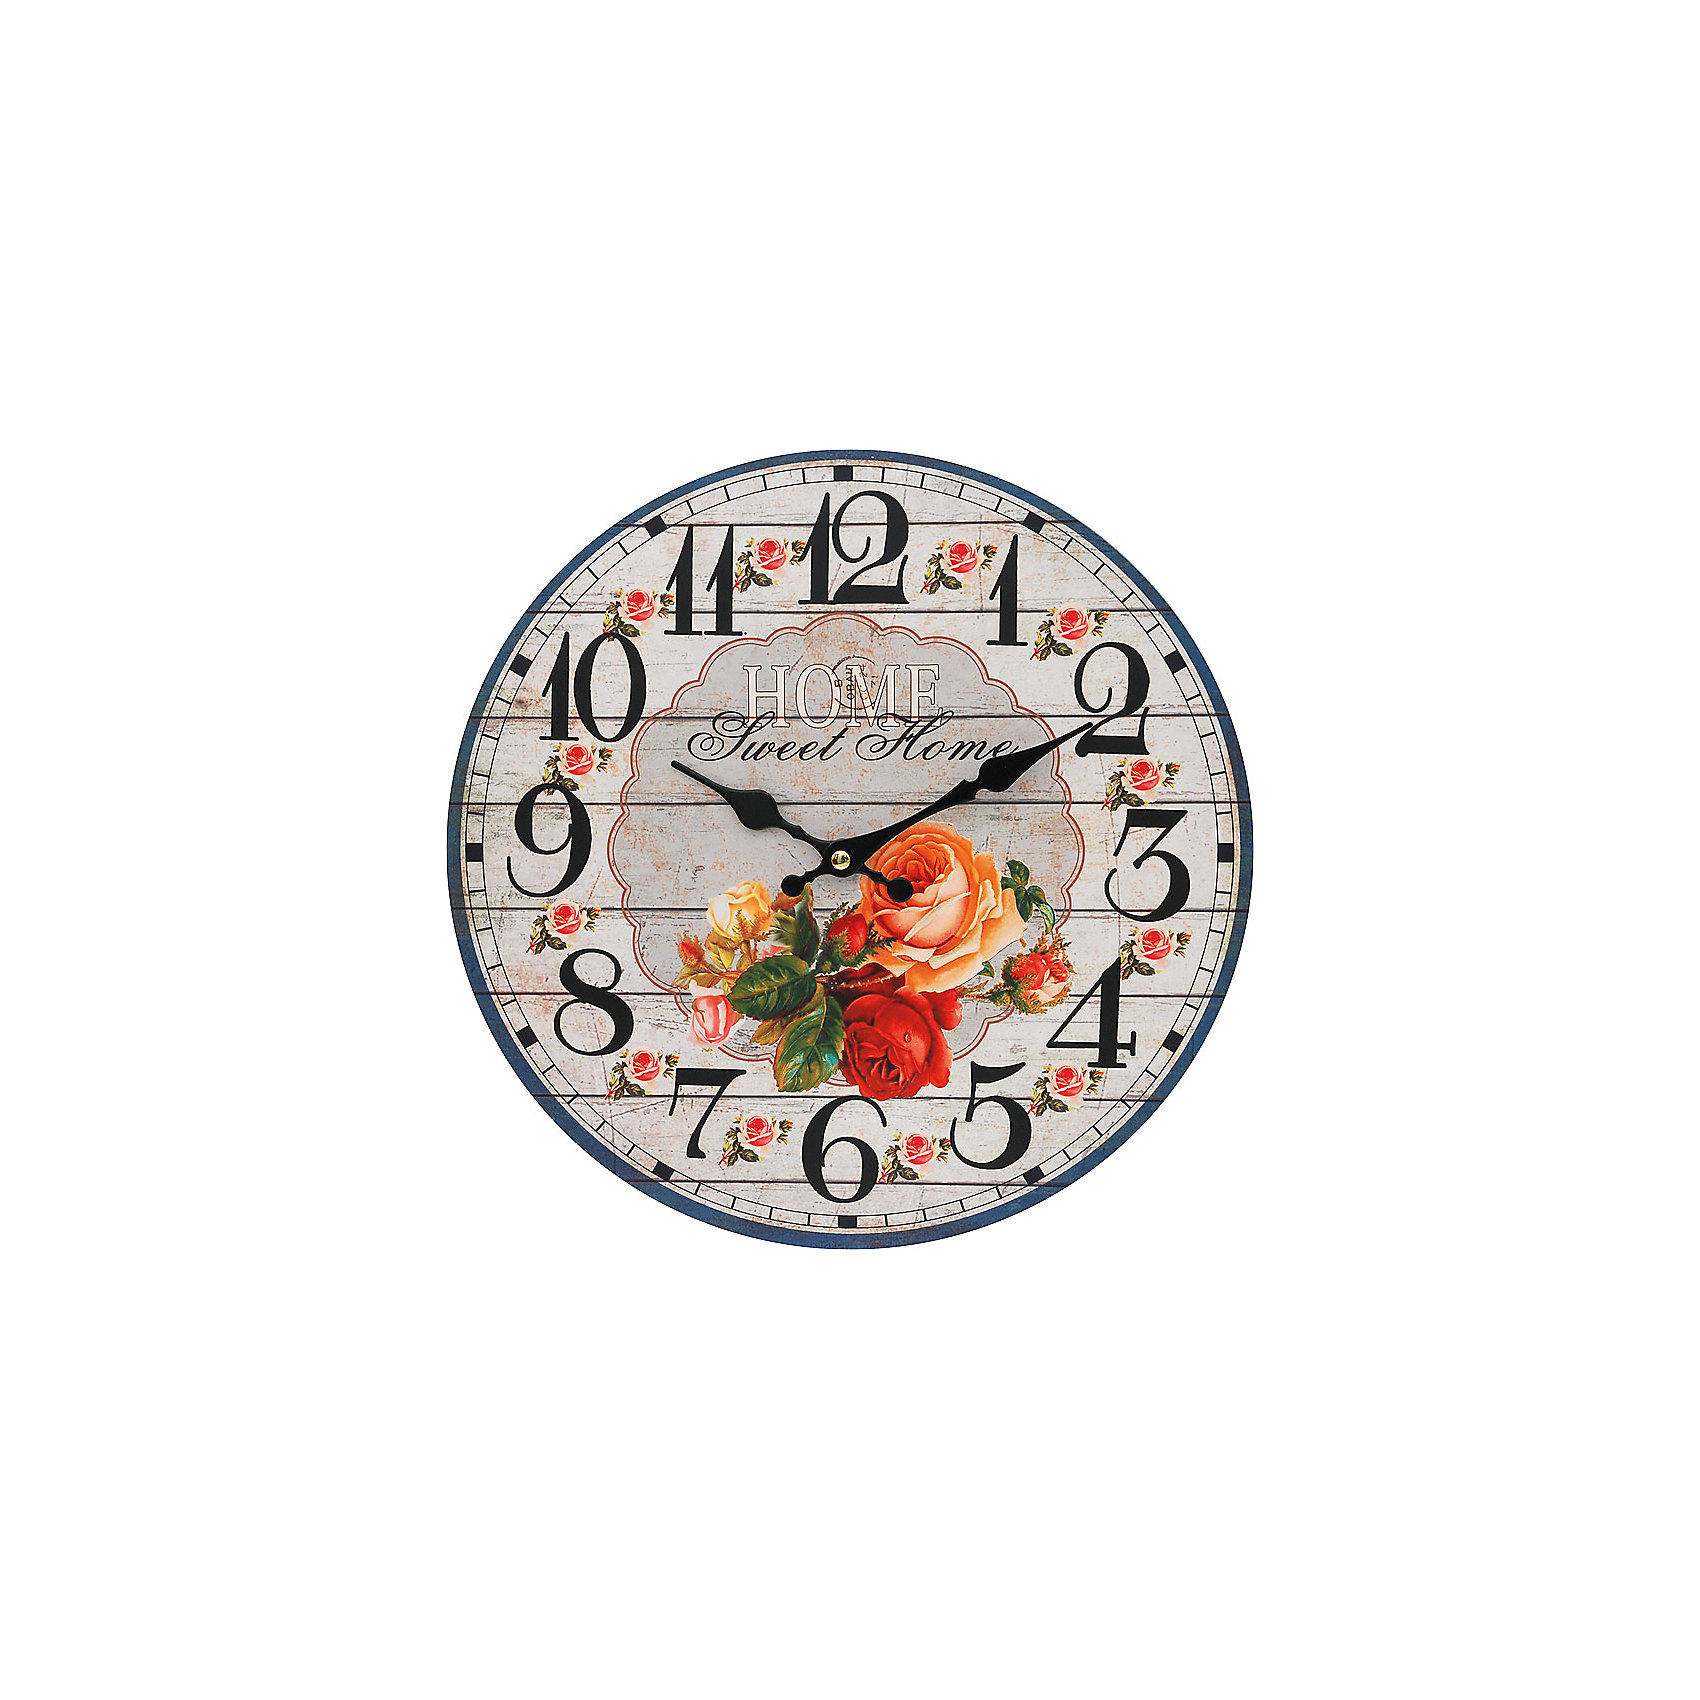 Часы настенные Любимый дом, диаметр 34 смПредметы интерьера<br>Часы настенные Любимый дом, диаметр 34 см.<br><br>Характеристики:<br><br>- Диаметр: 34 см.<br>- Две стрелки часовая и минутная<br>- Батарейка: 1 типа АА (в комплект не входит)<br>- Упаковка картонная коробка<br><br>Кварцевые настенные часы с механизмом плавного хода помимо своего прямого назначения – показывать точное время – станут важным элементом декора Вашего дома или квартиры. Открытый циферблат часов выполнен из листа оргалита с декоративным покрытием, оформлен изображением цветочной композиции. Часовая и минутная стрелки металлические. Часовой механизм закрыт пластиковым корпусом. Часы будут стильным акцентом в интерьере и создадут дополнительный уют и хорошее настроение.<br><br>Часы настенные Любимый дом, диаметр 34 см можно купить в нашем интернет-магазине.<br><br>Ширина мм: 345<br>Глубина мм: 340<br>Высота мм: 45<br>Вес г: 2500<br>Возраст от месяцев: 72<br>Возраст до месяцев: 144<br>Пол: Унисекс<br>Возраст: Детский<br>SKU: 5089818